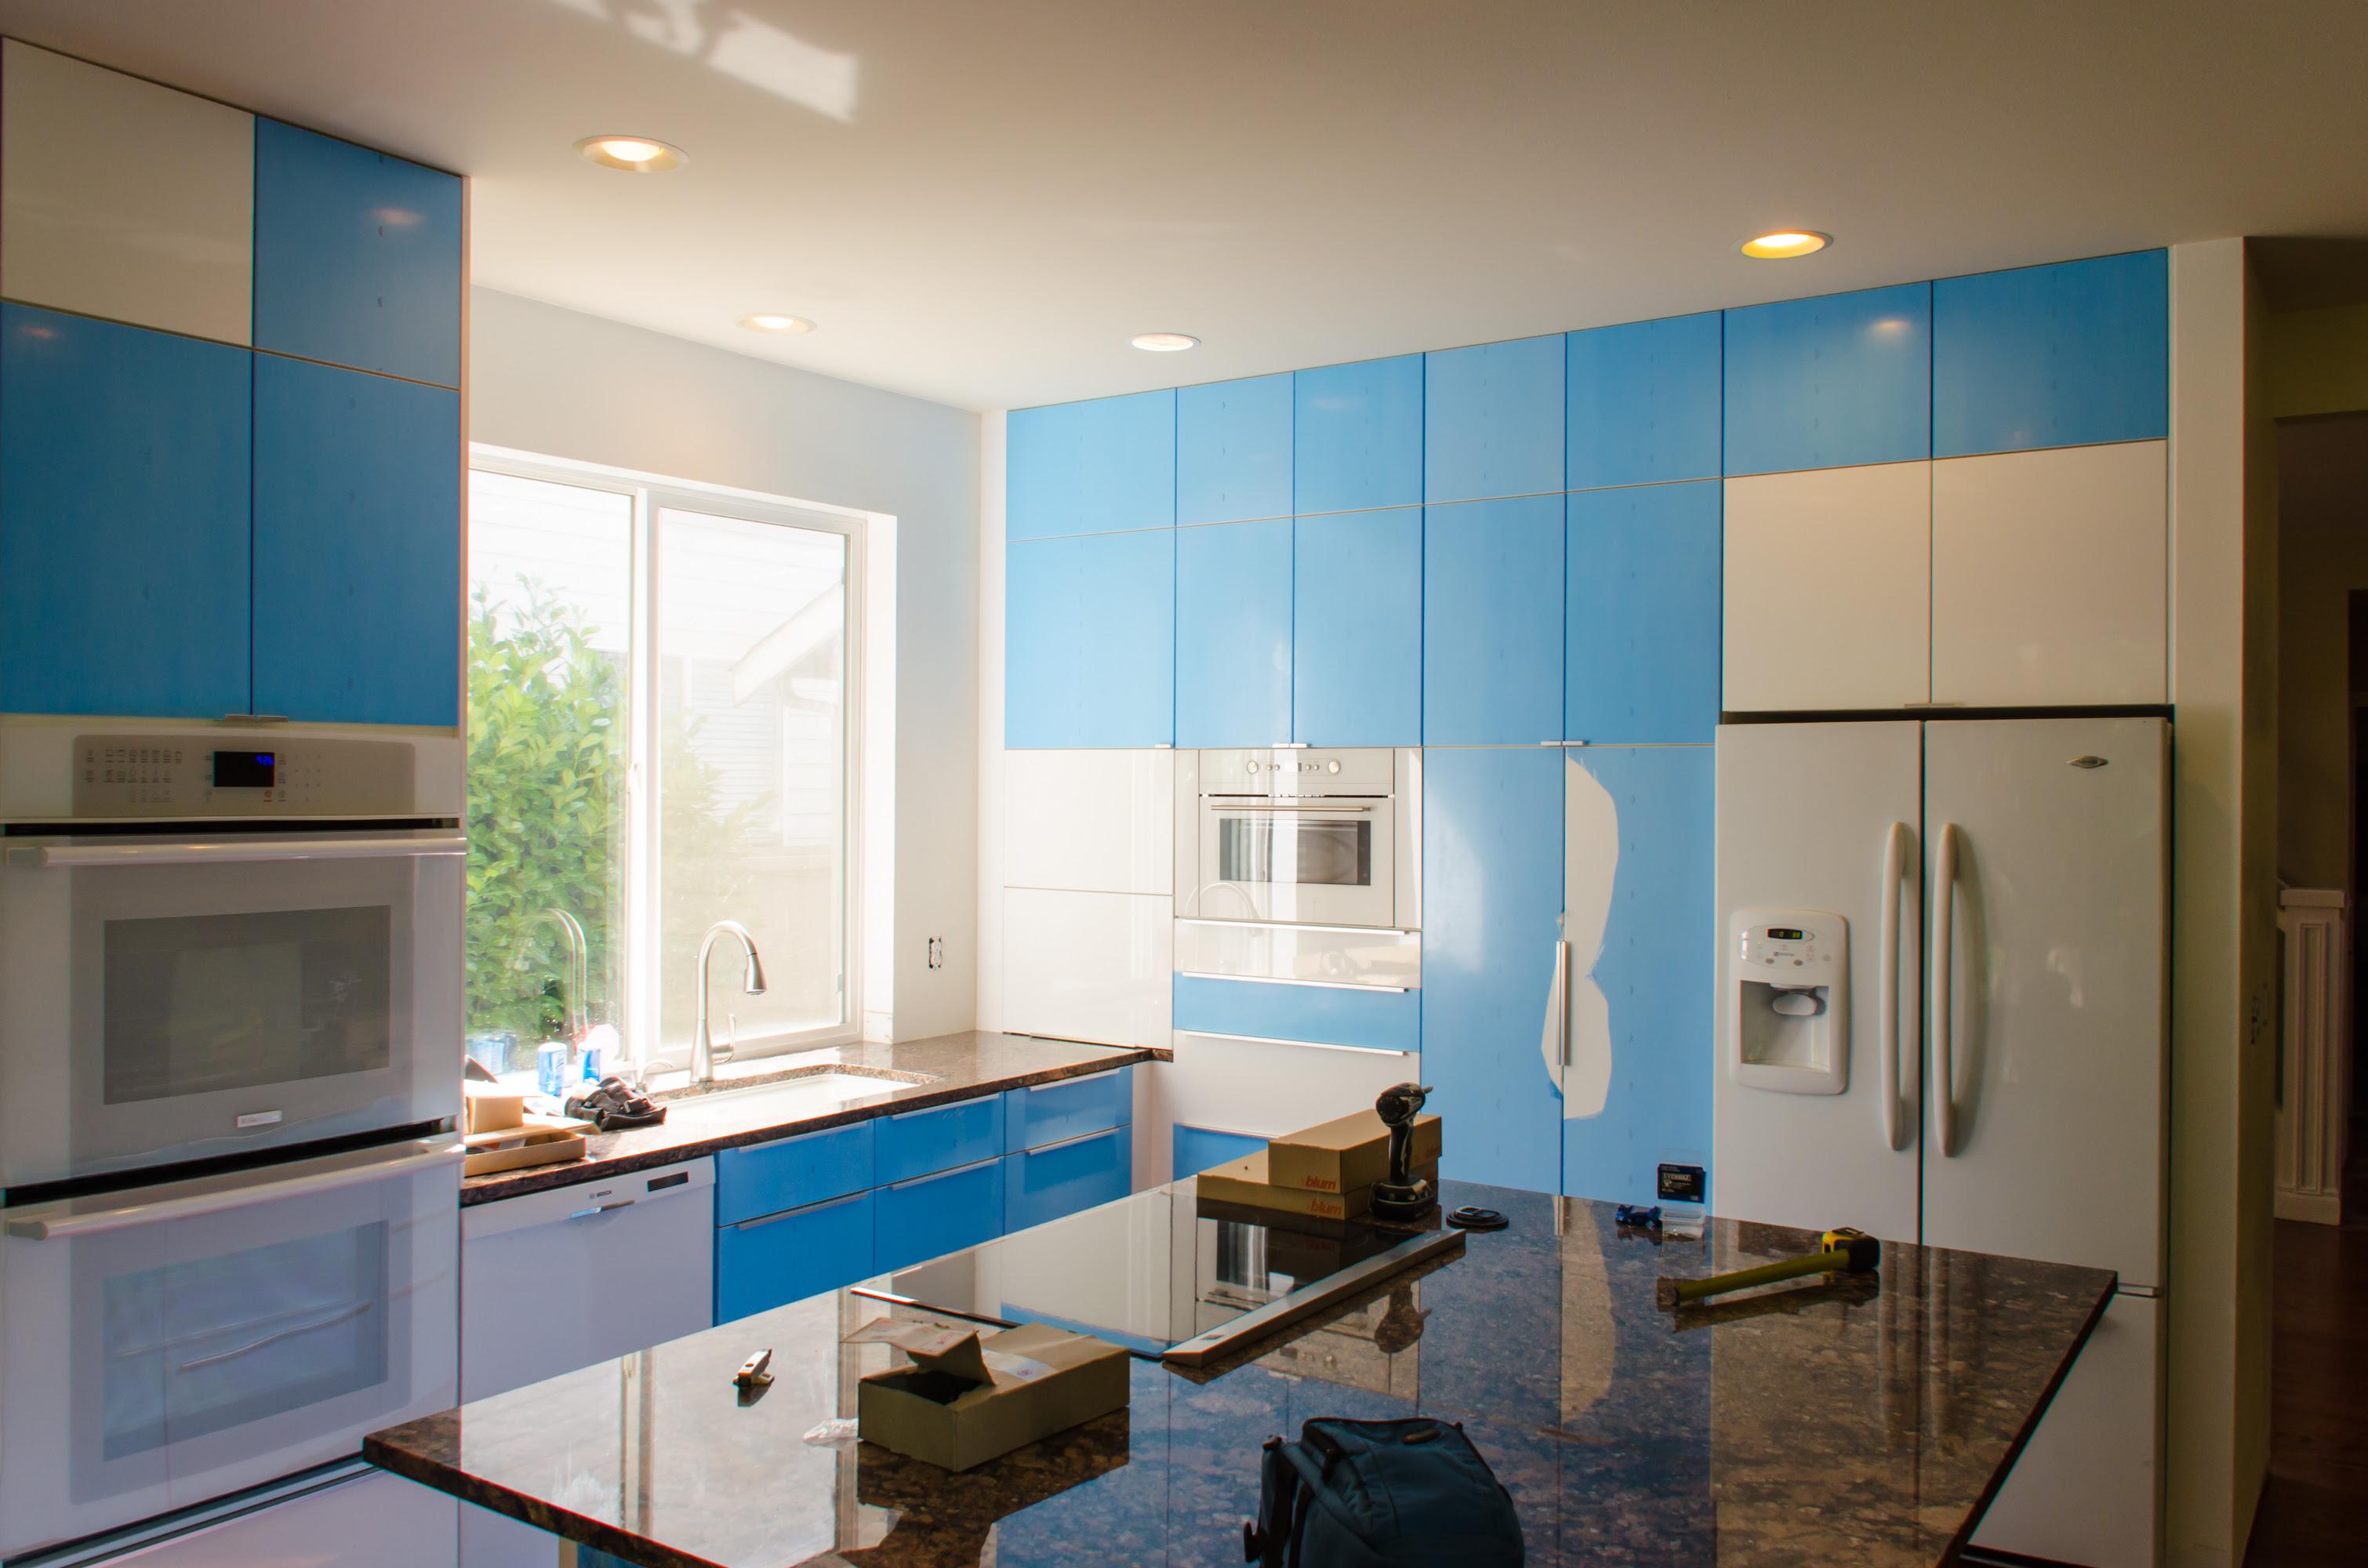 white high gloss kitchen cabinets - ztil news